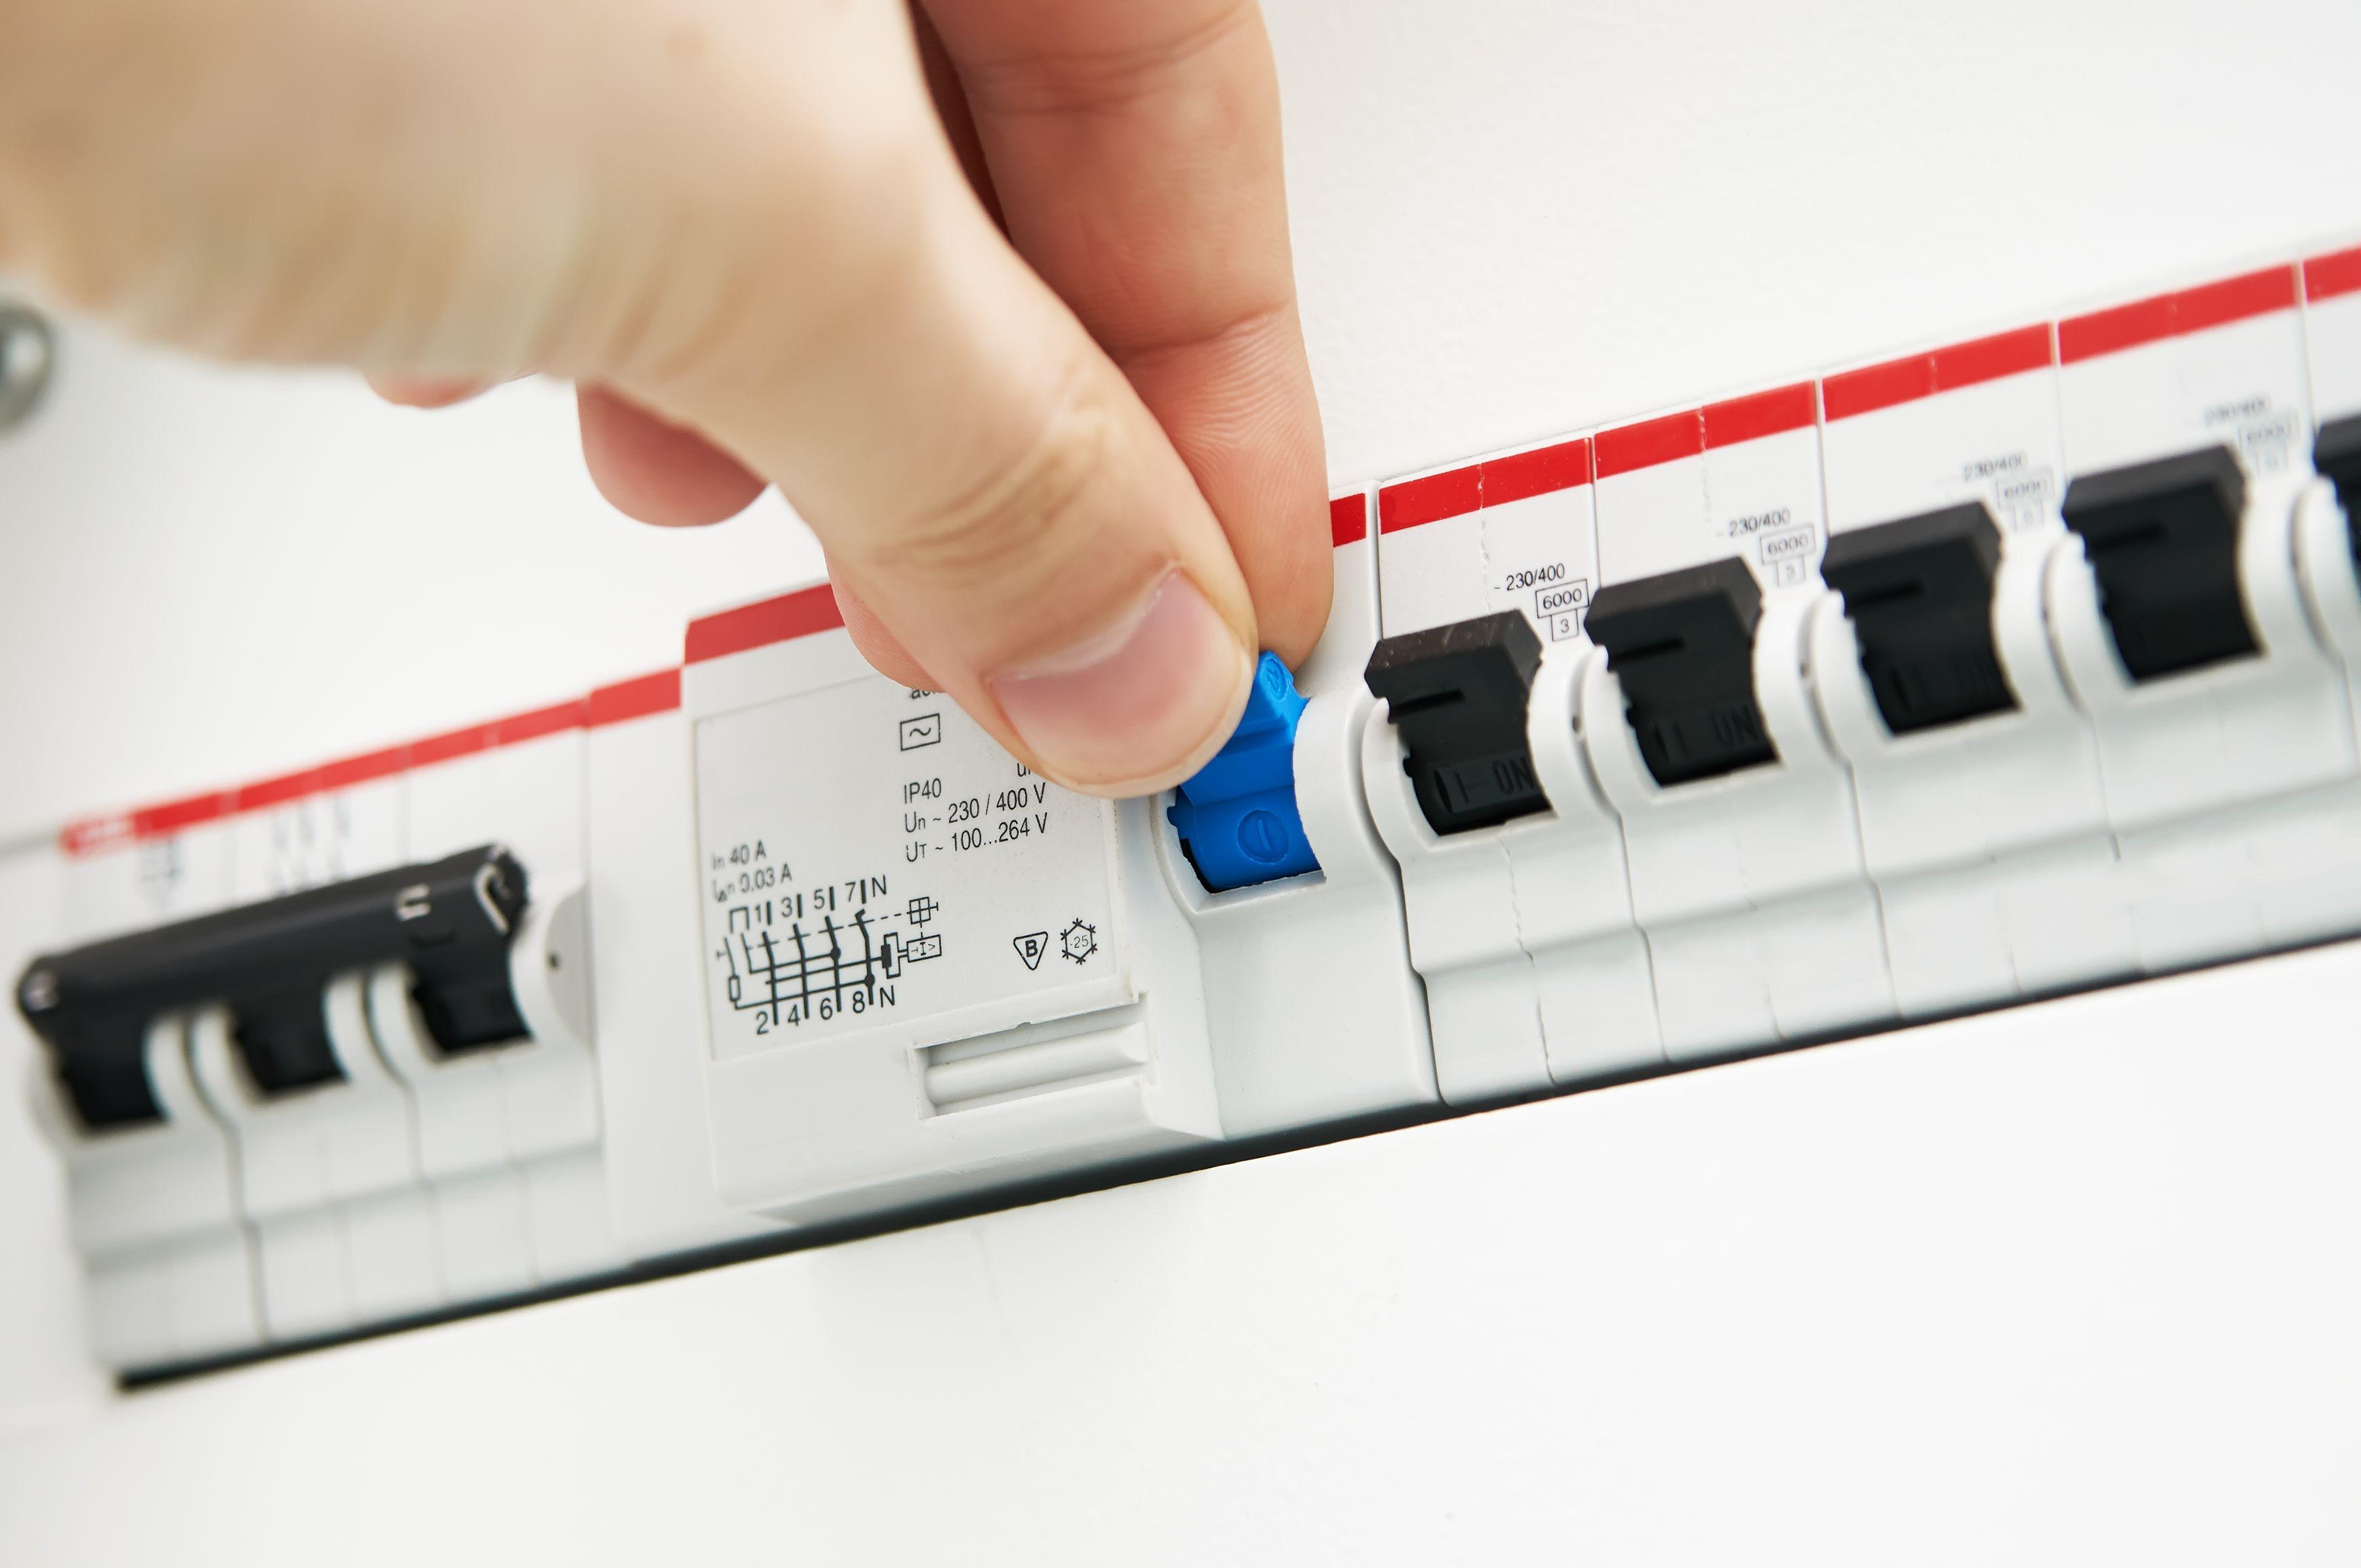 Mantenimientos eléctricos: Servicios de Electronieto